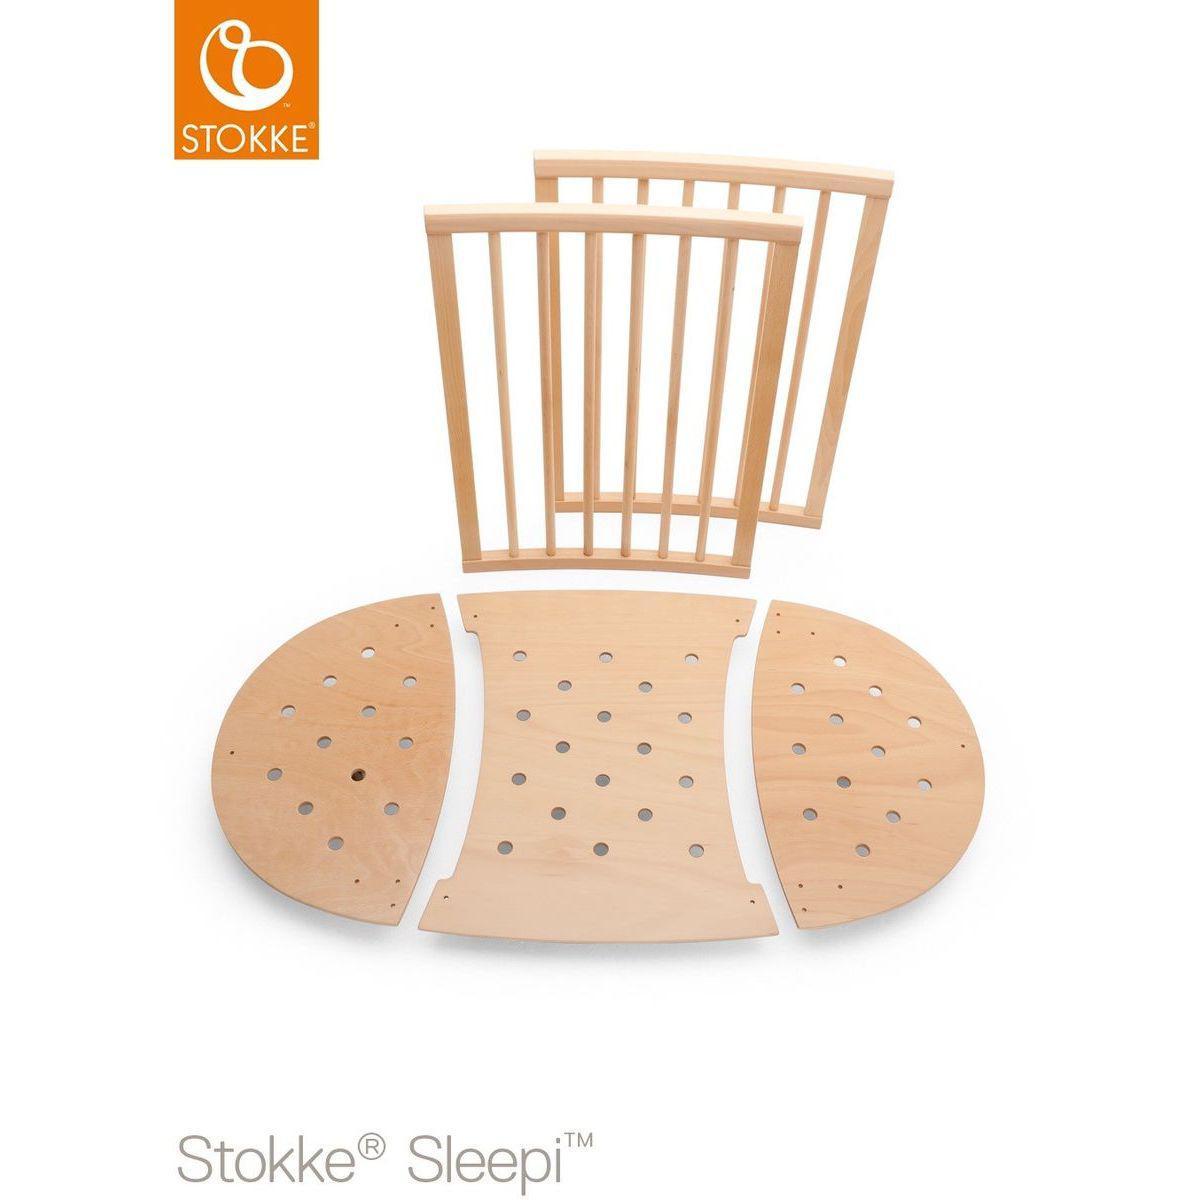 Bettverlängerung-Matratze SLEEPI Stokke natural